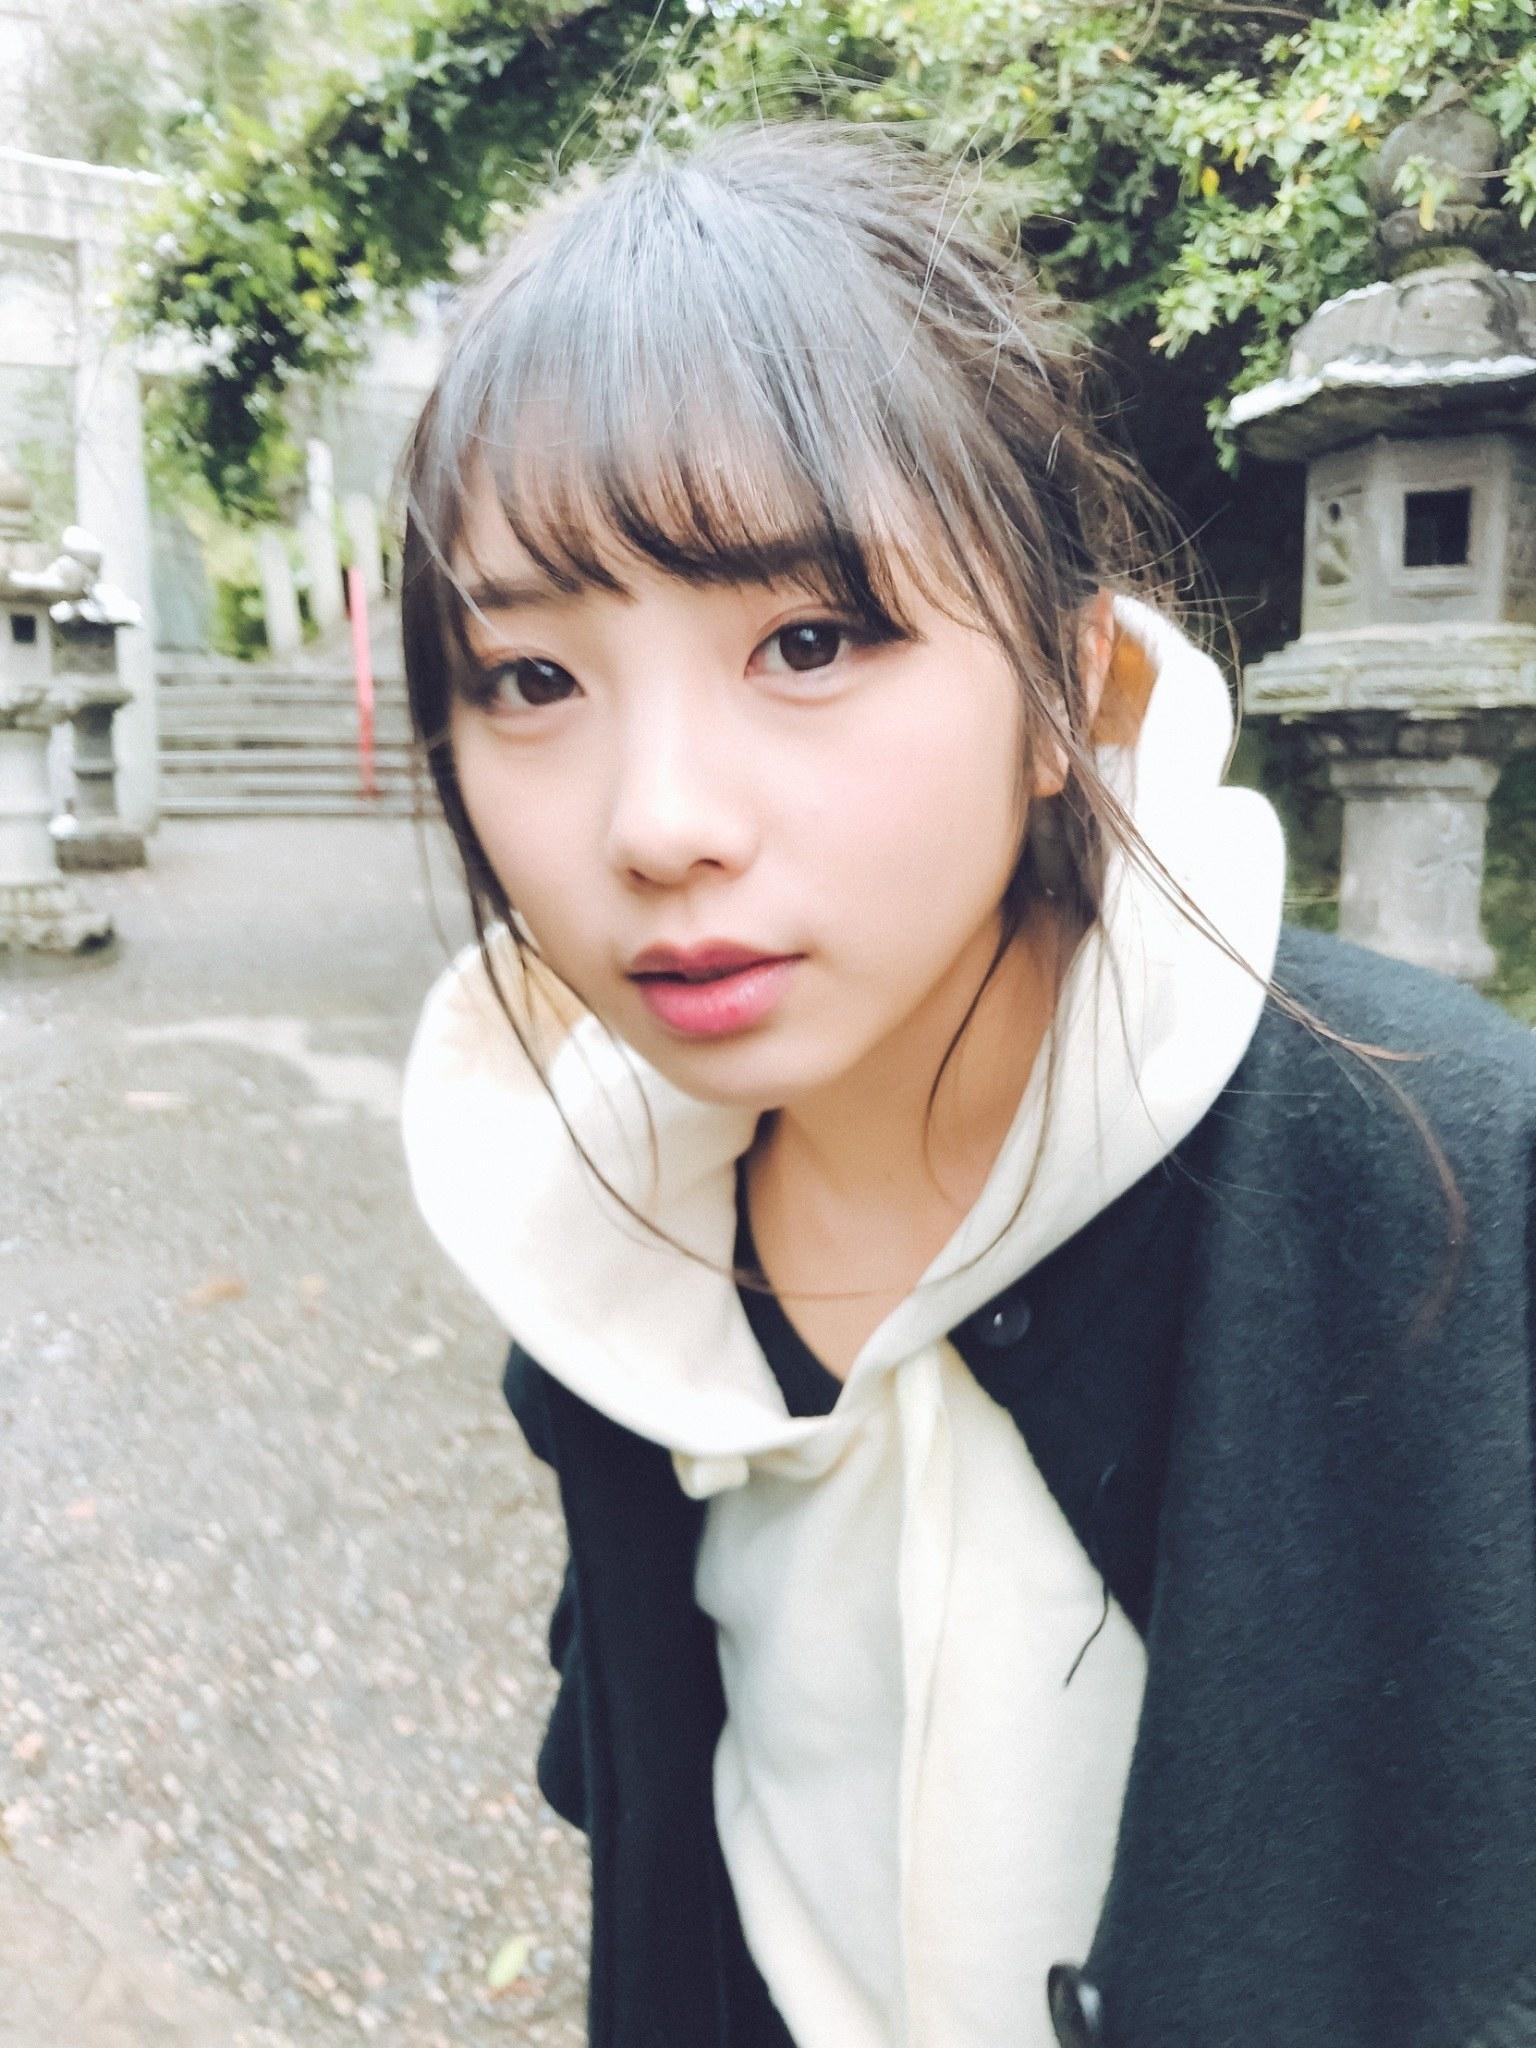 乃木坂・与田祐希の福岡弁インタビューが可愛すぎる